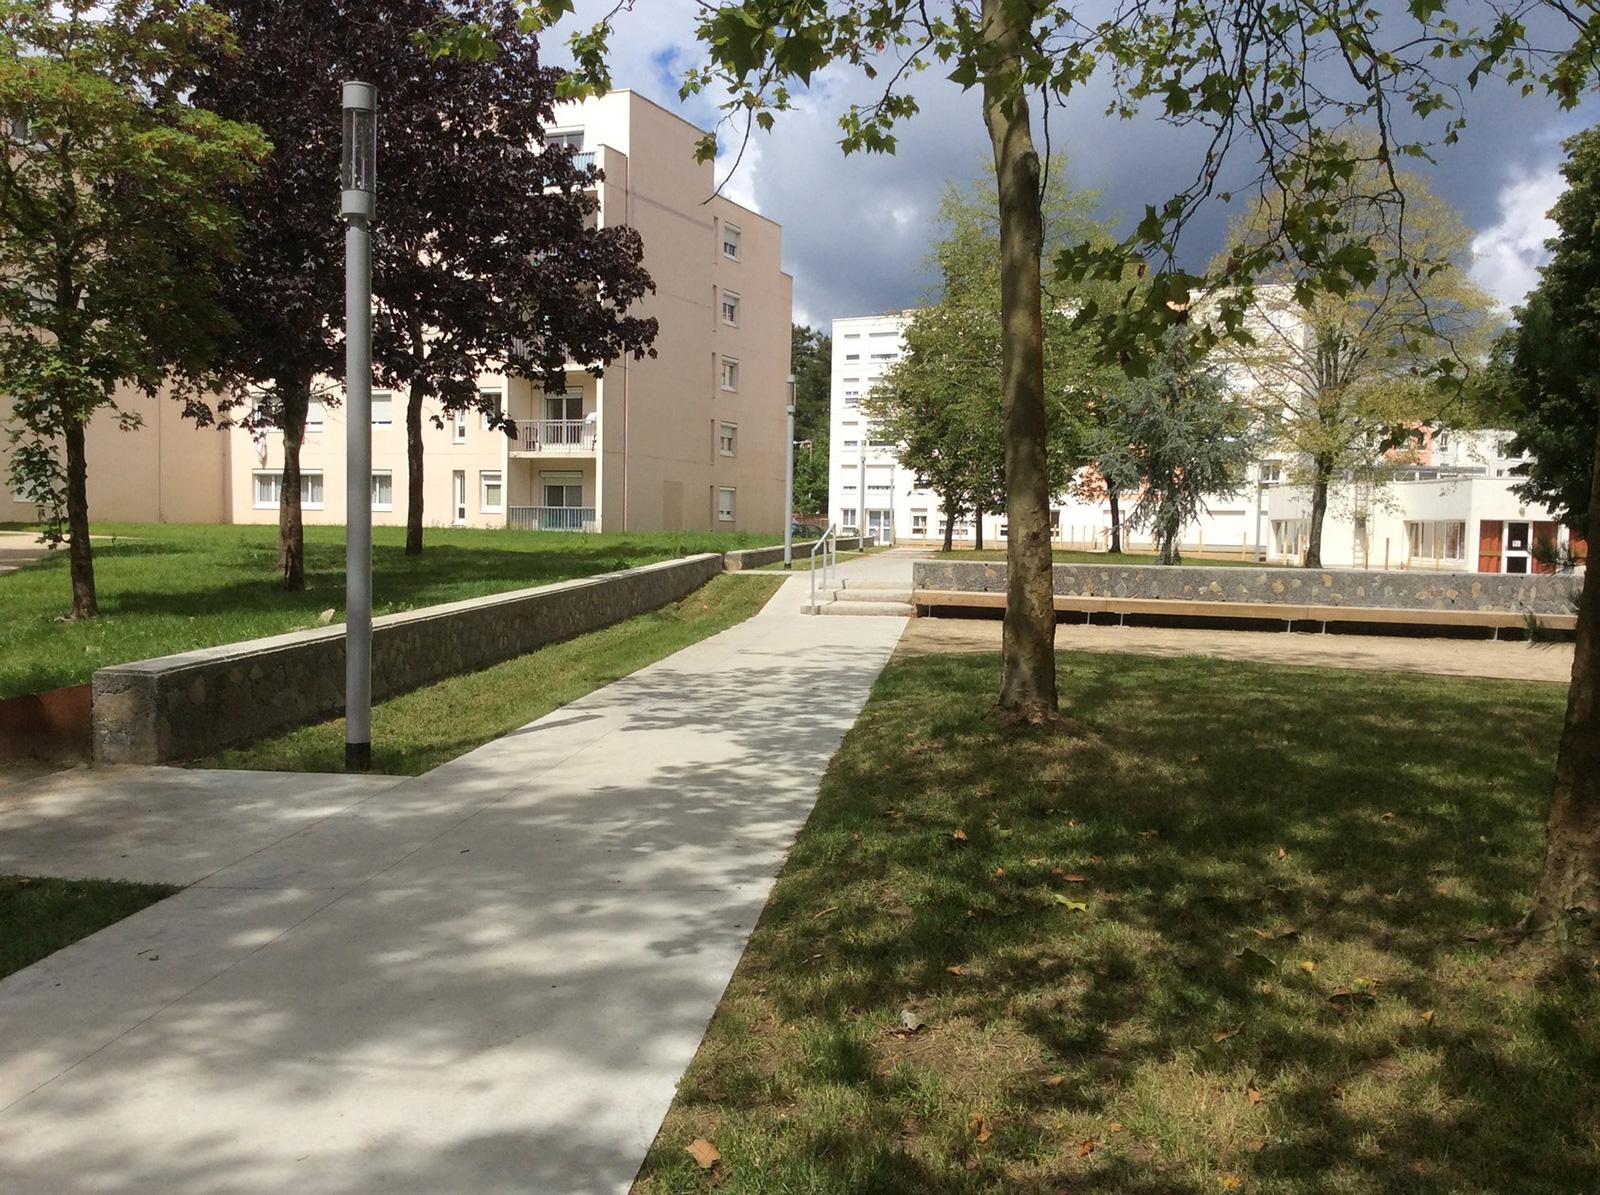 7-germe-et-jam-BDL-nantes-renouvellement-urbain-bout-des-landes-espace-public-JARDIN